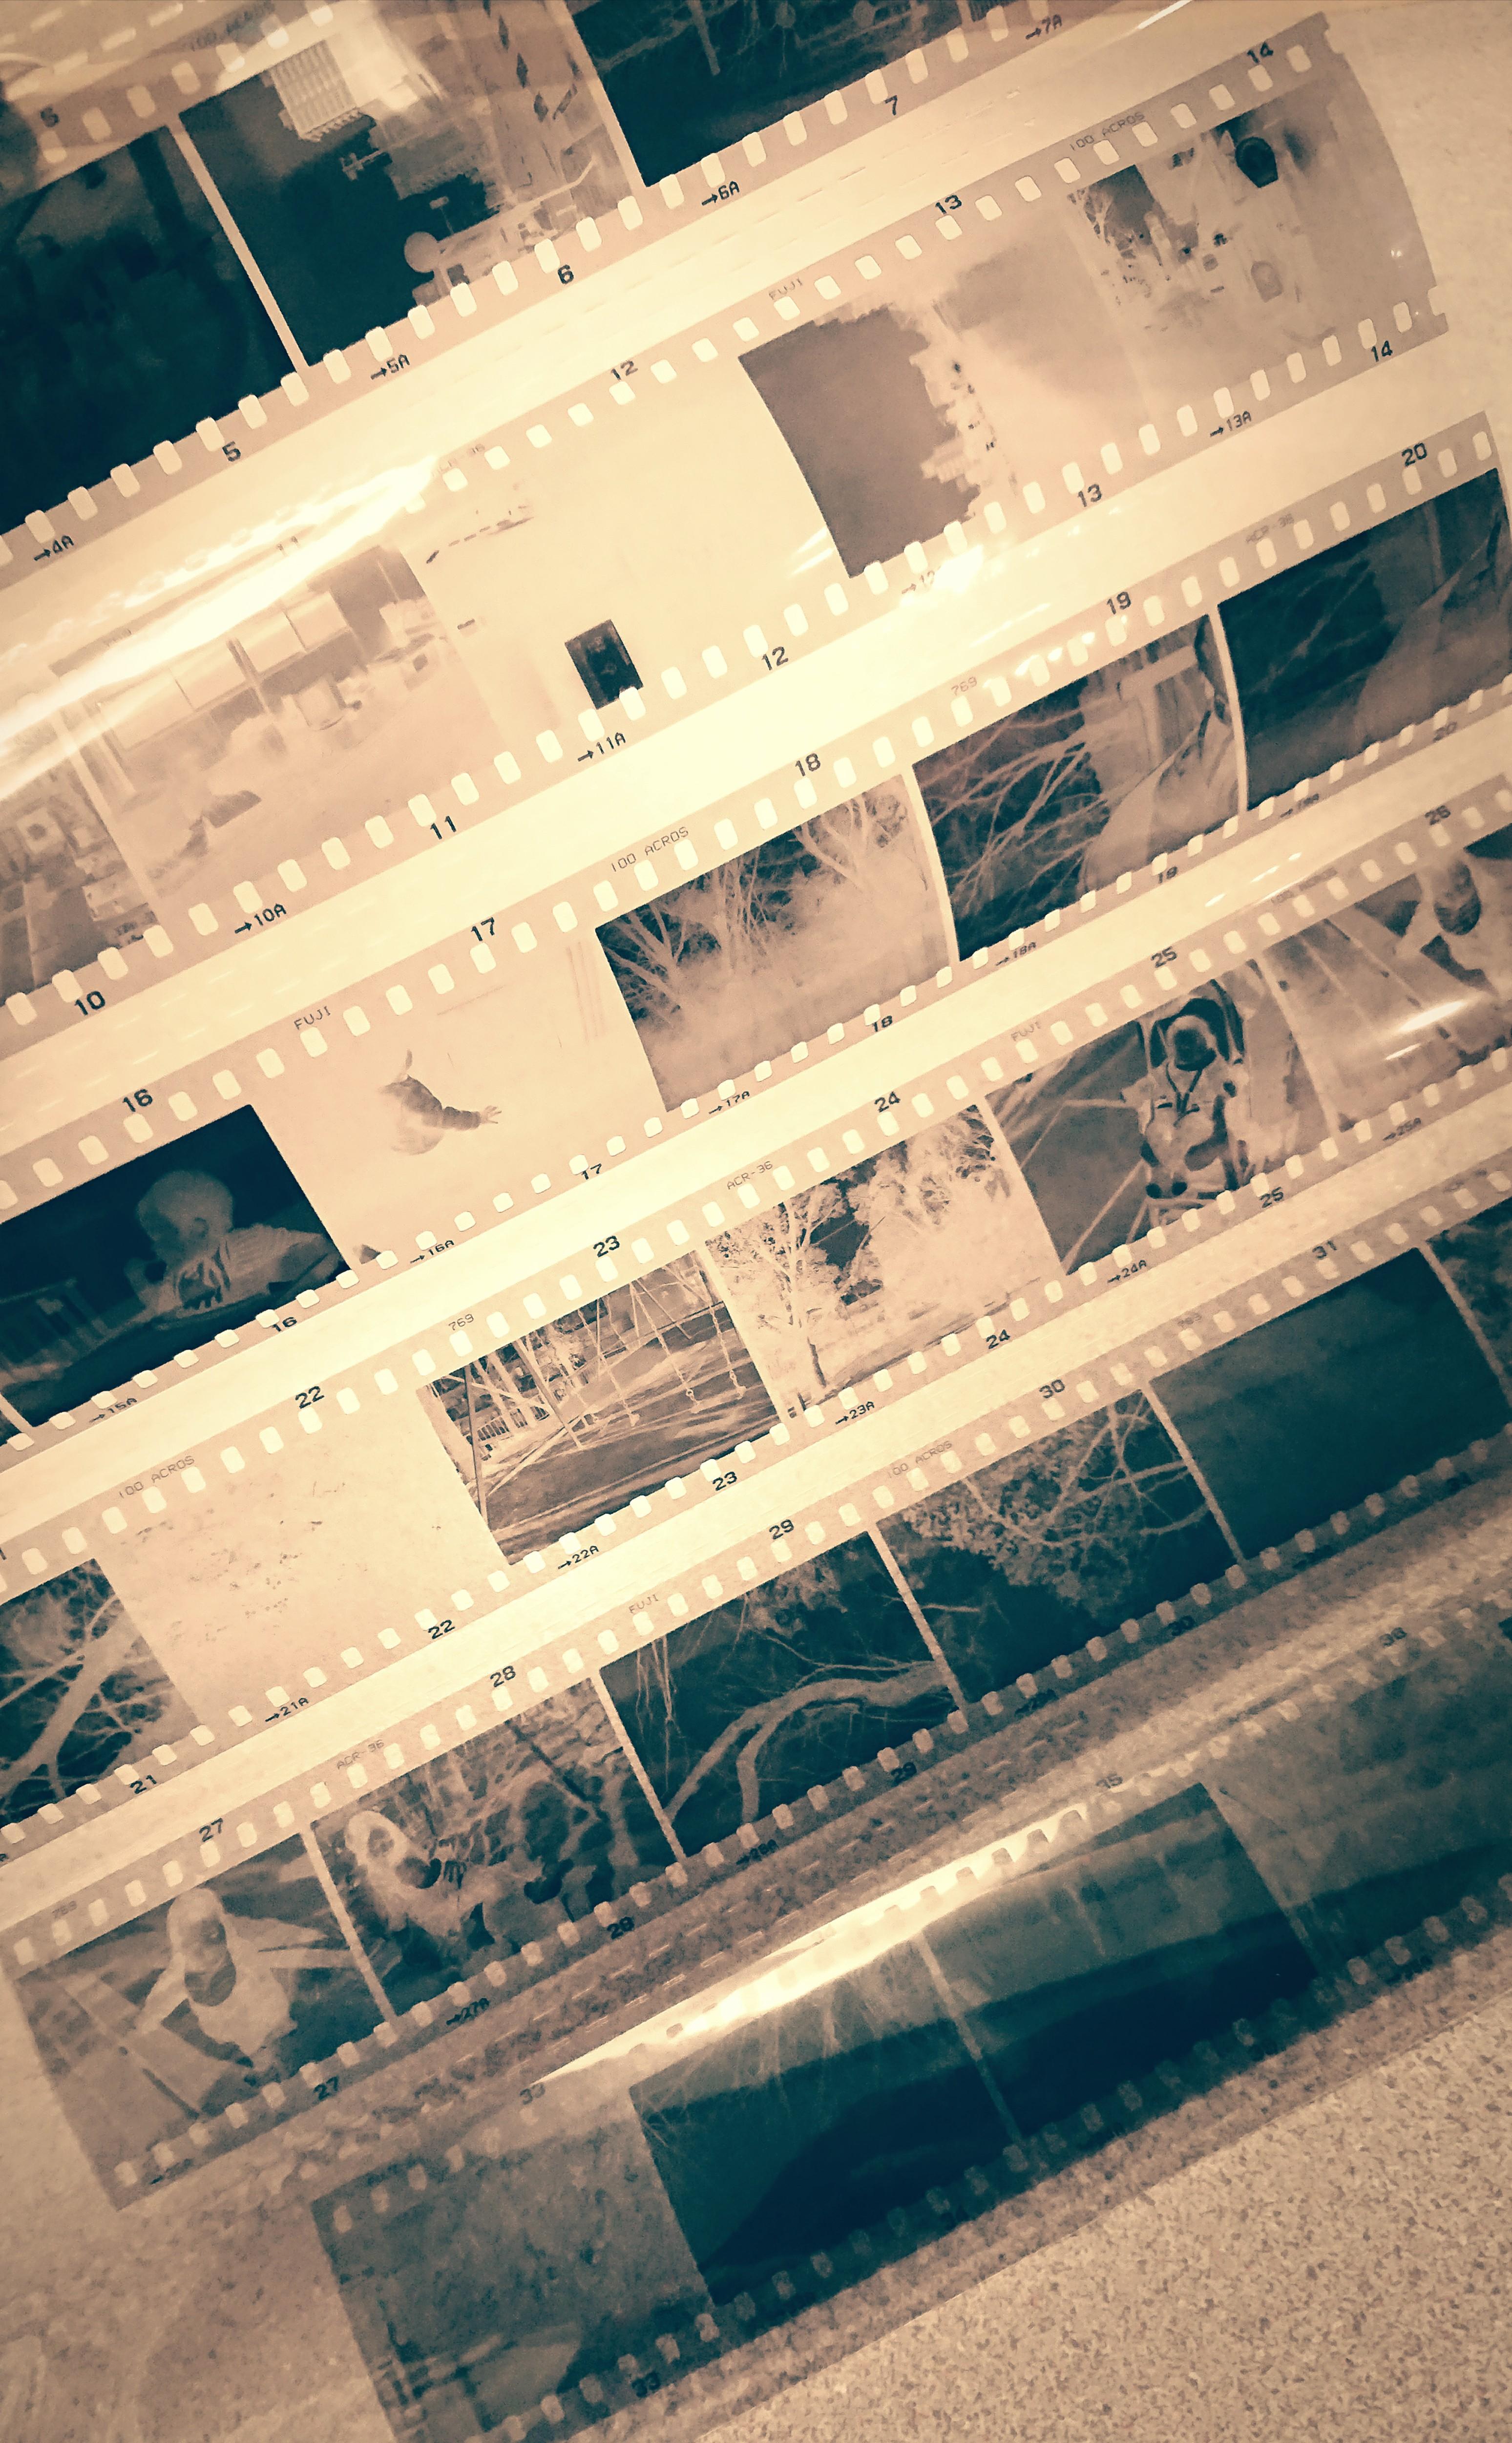 それはフィルムカメラを始めて最も印象的な出来事だった【初自家現像】